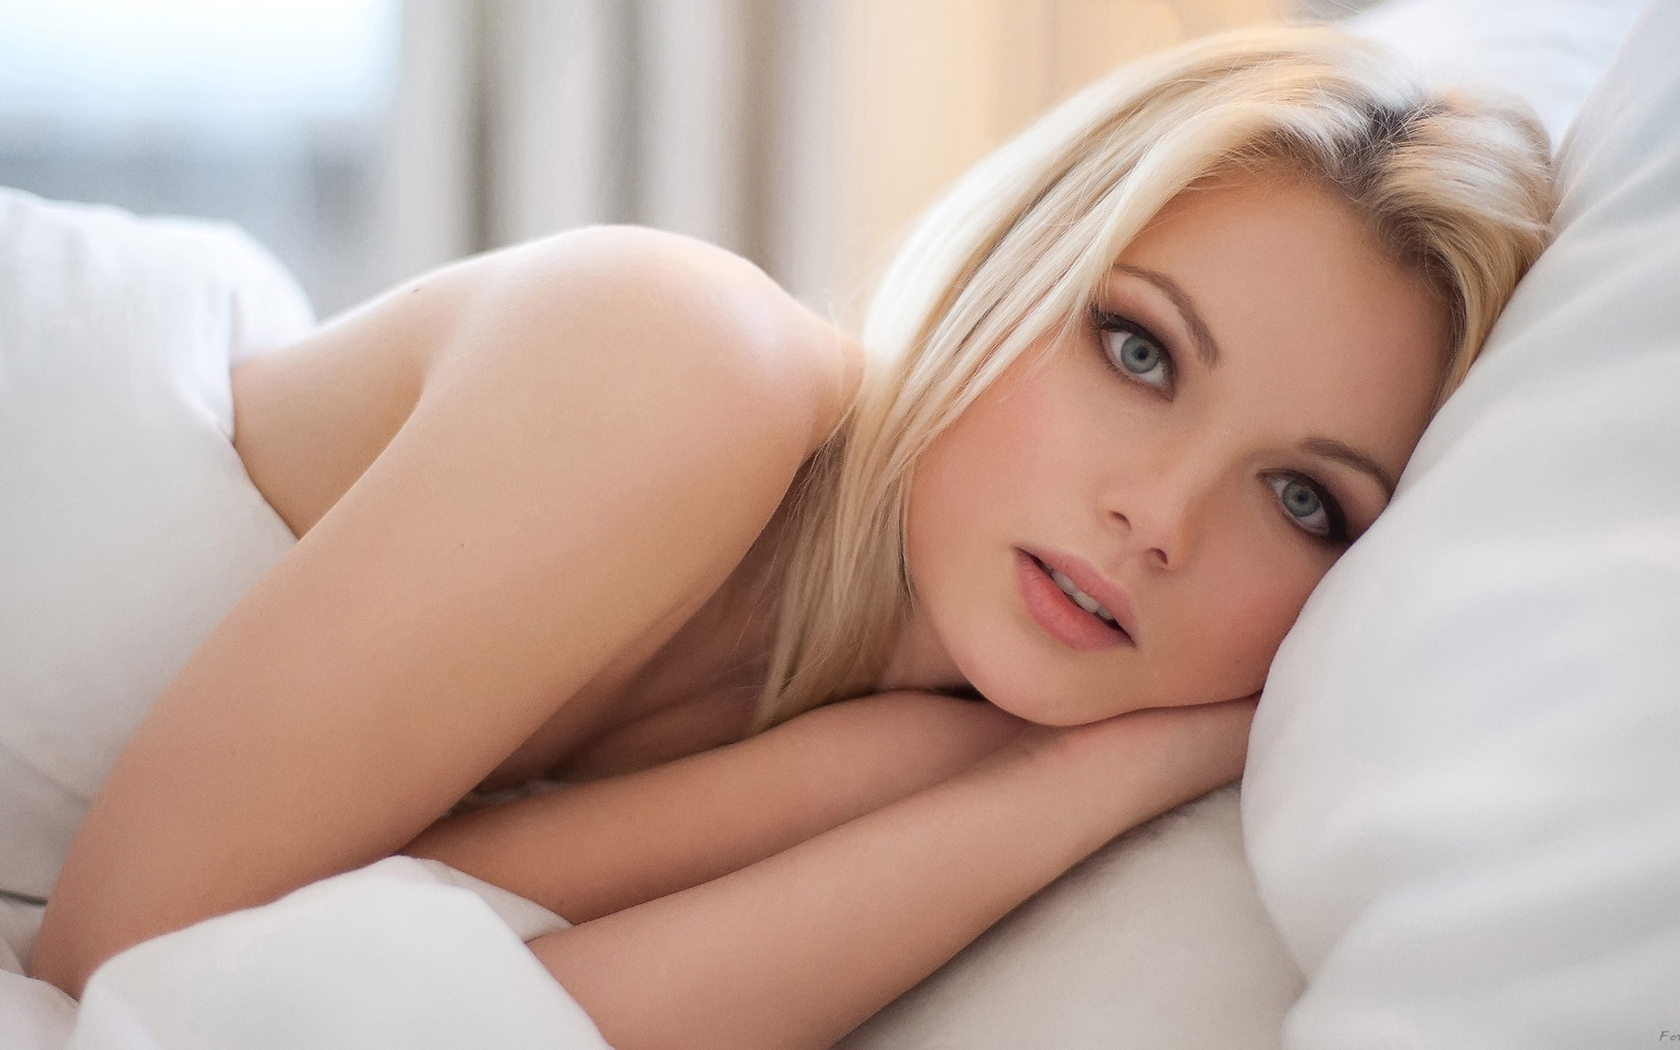 Смотреть онлайн порно кастинг с молоденькими в анал 9 фотография